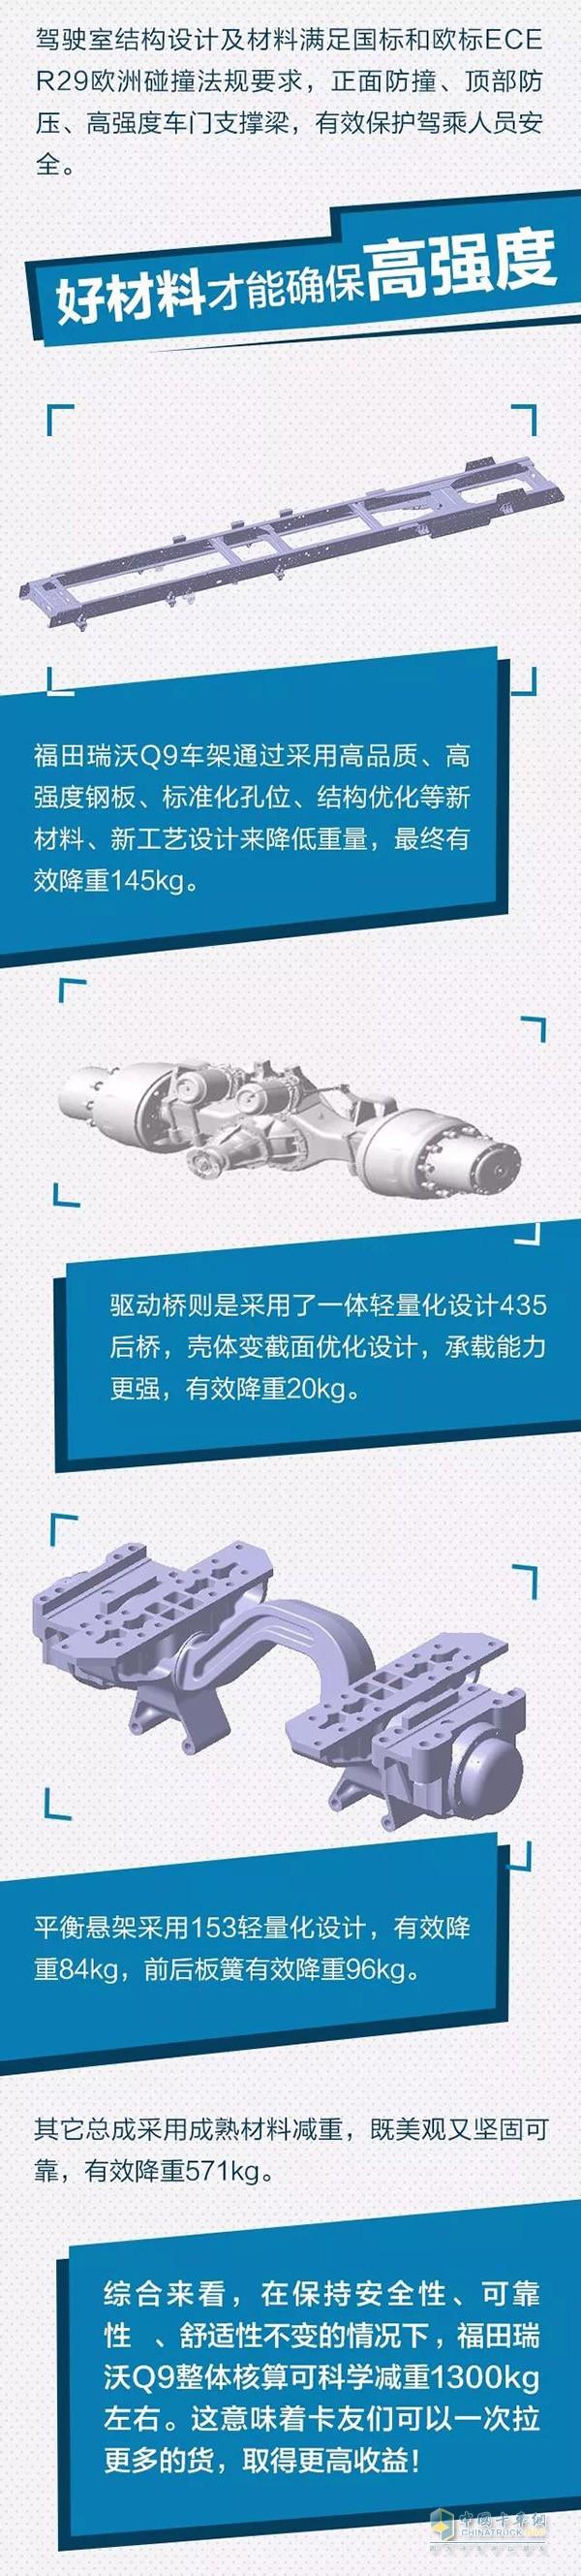 福田瑞沃Q9轻量化自卸车